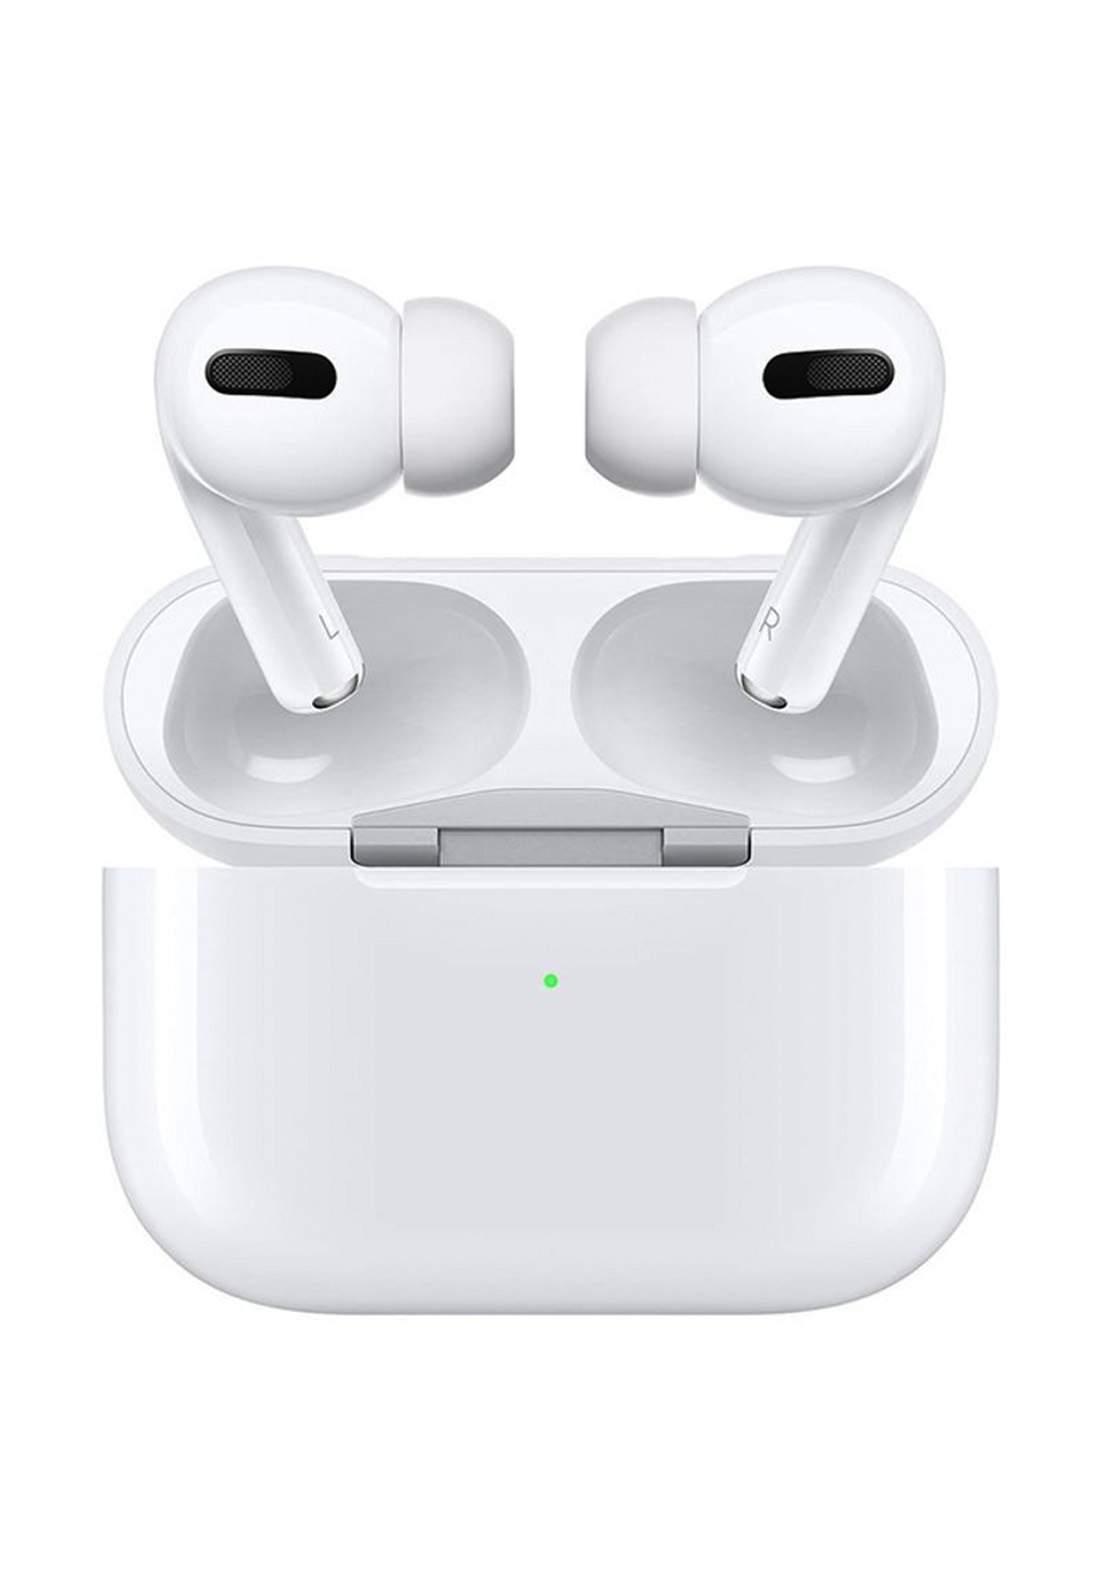 WIWU  AirPods Pro True Wireless Earphones - White